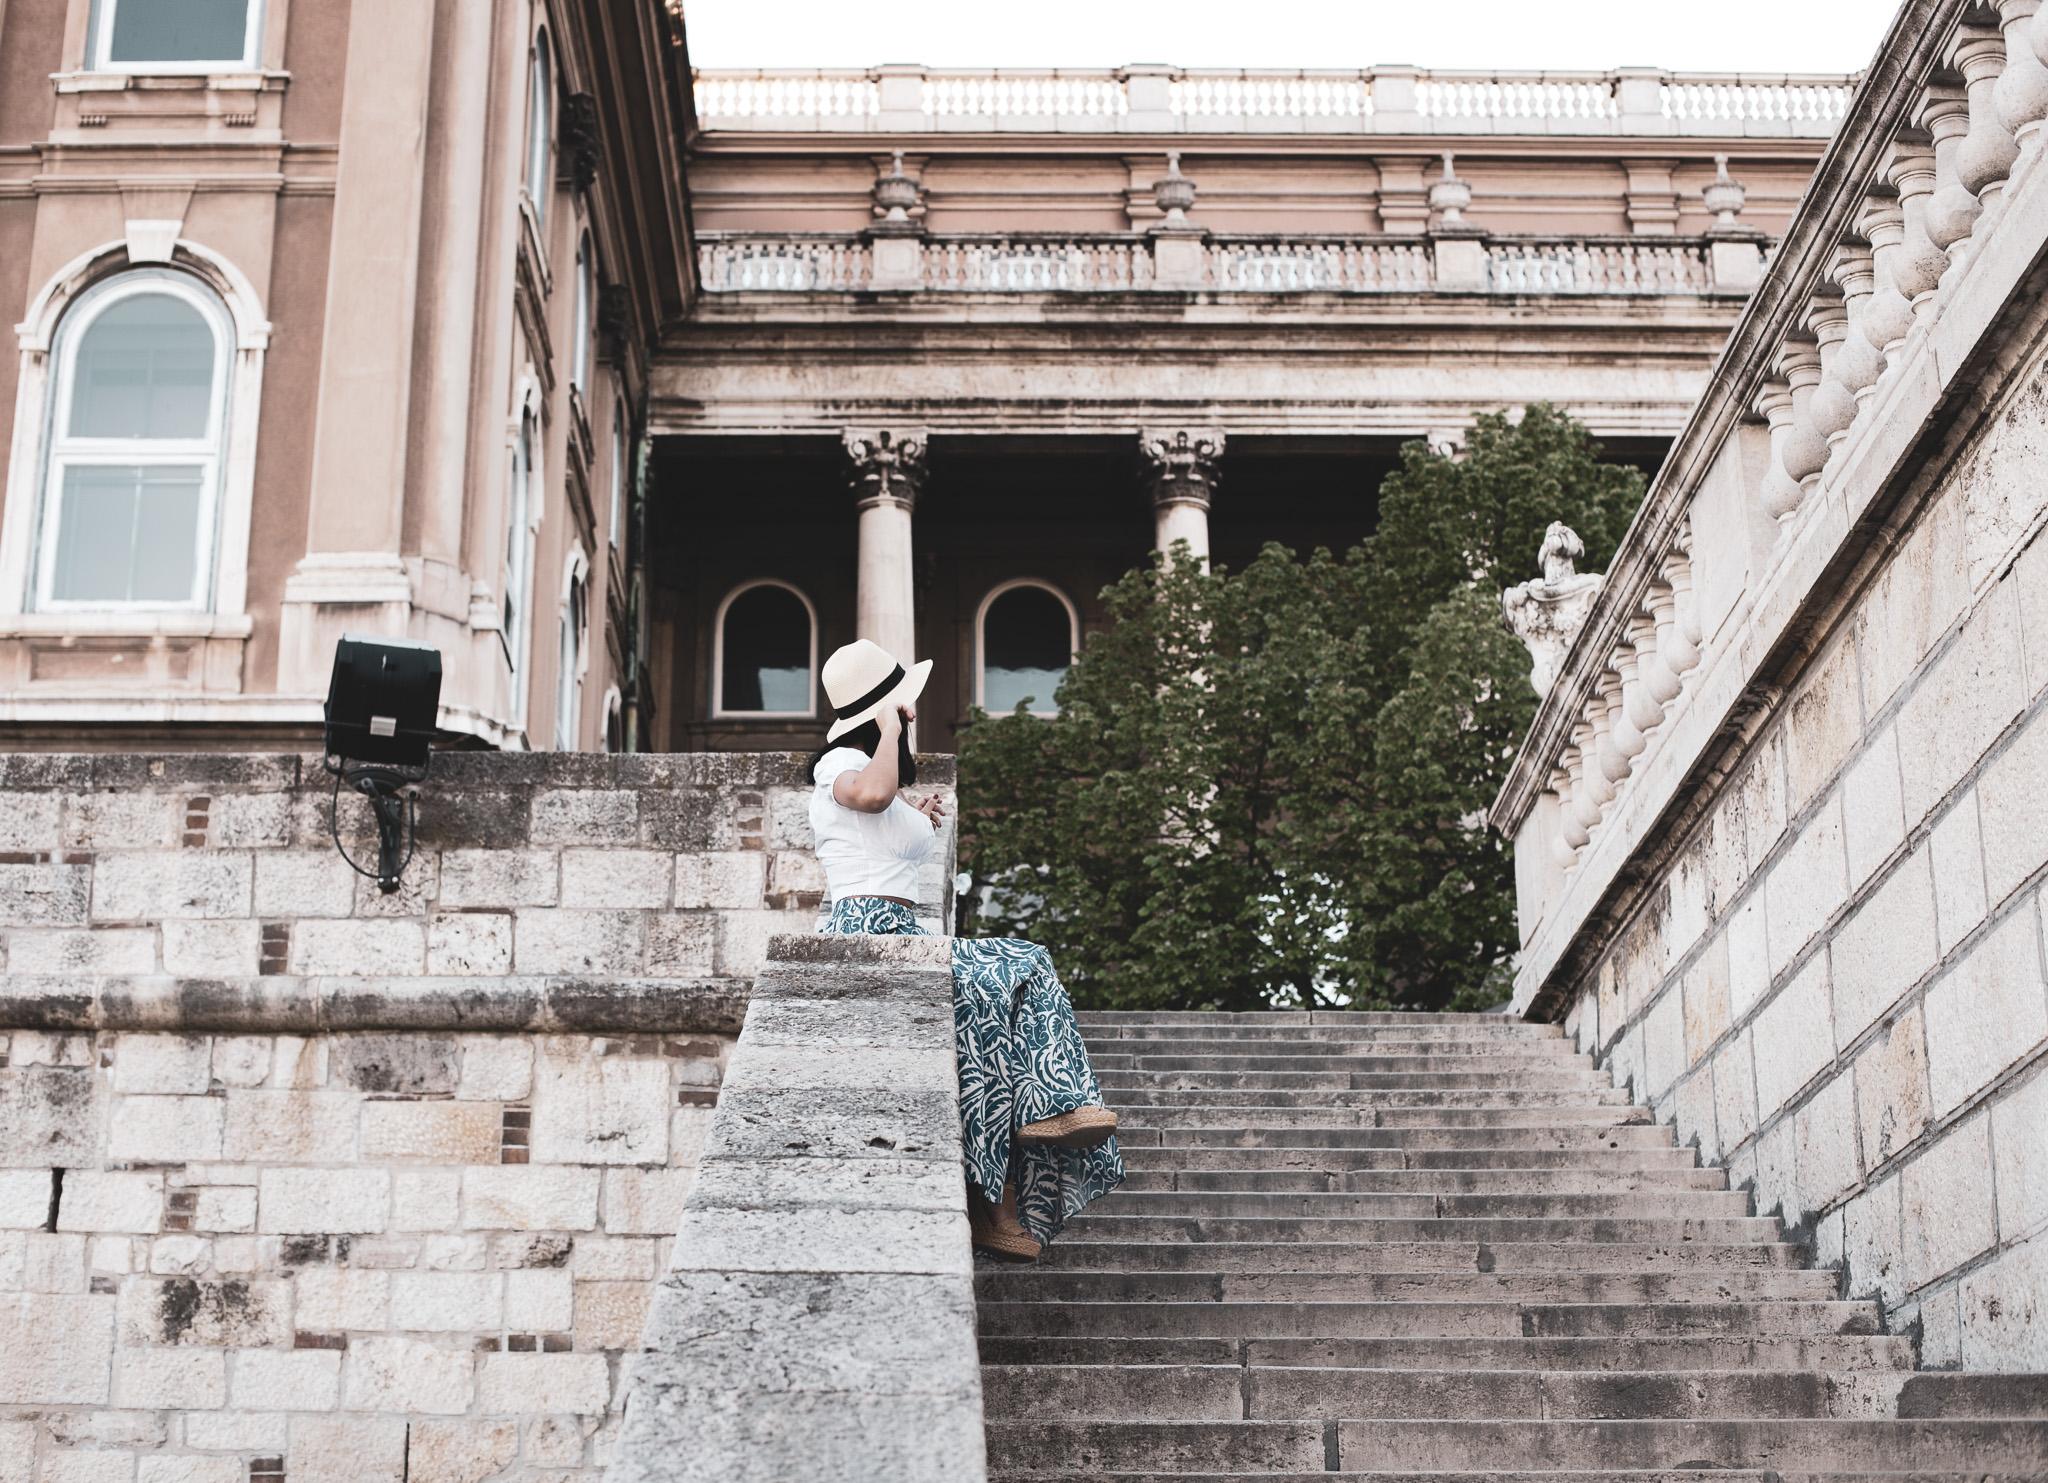 Solo traveler Budapest